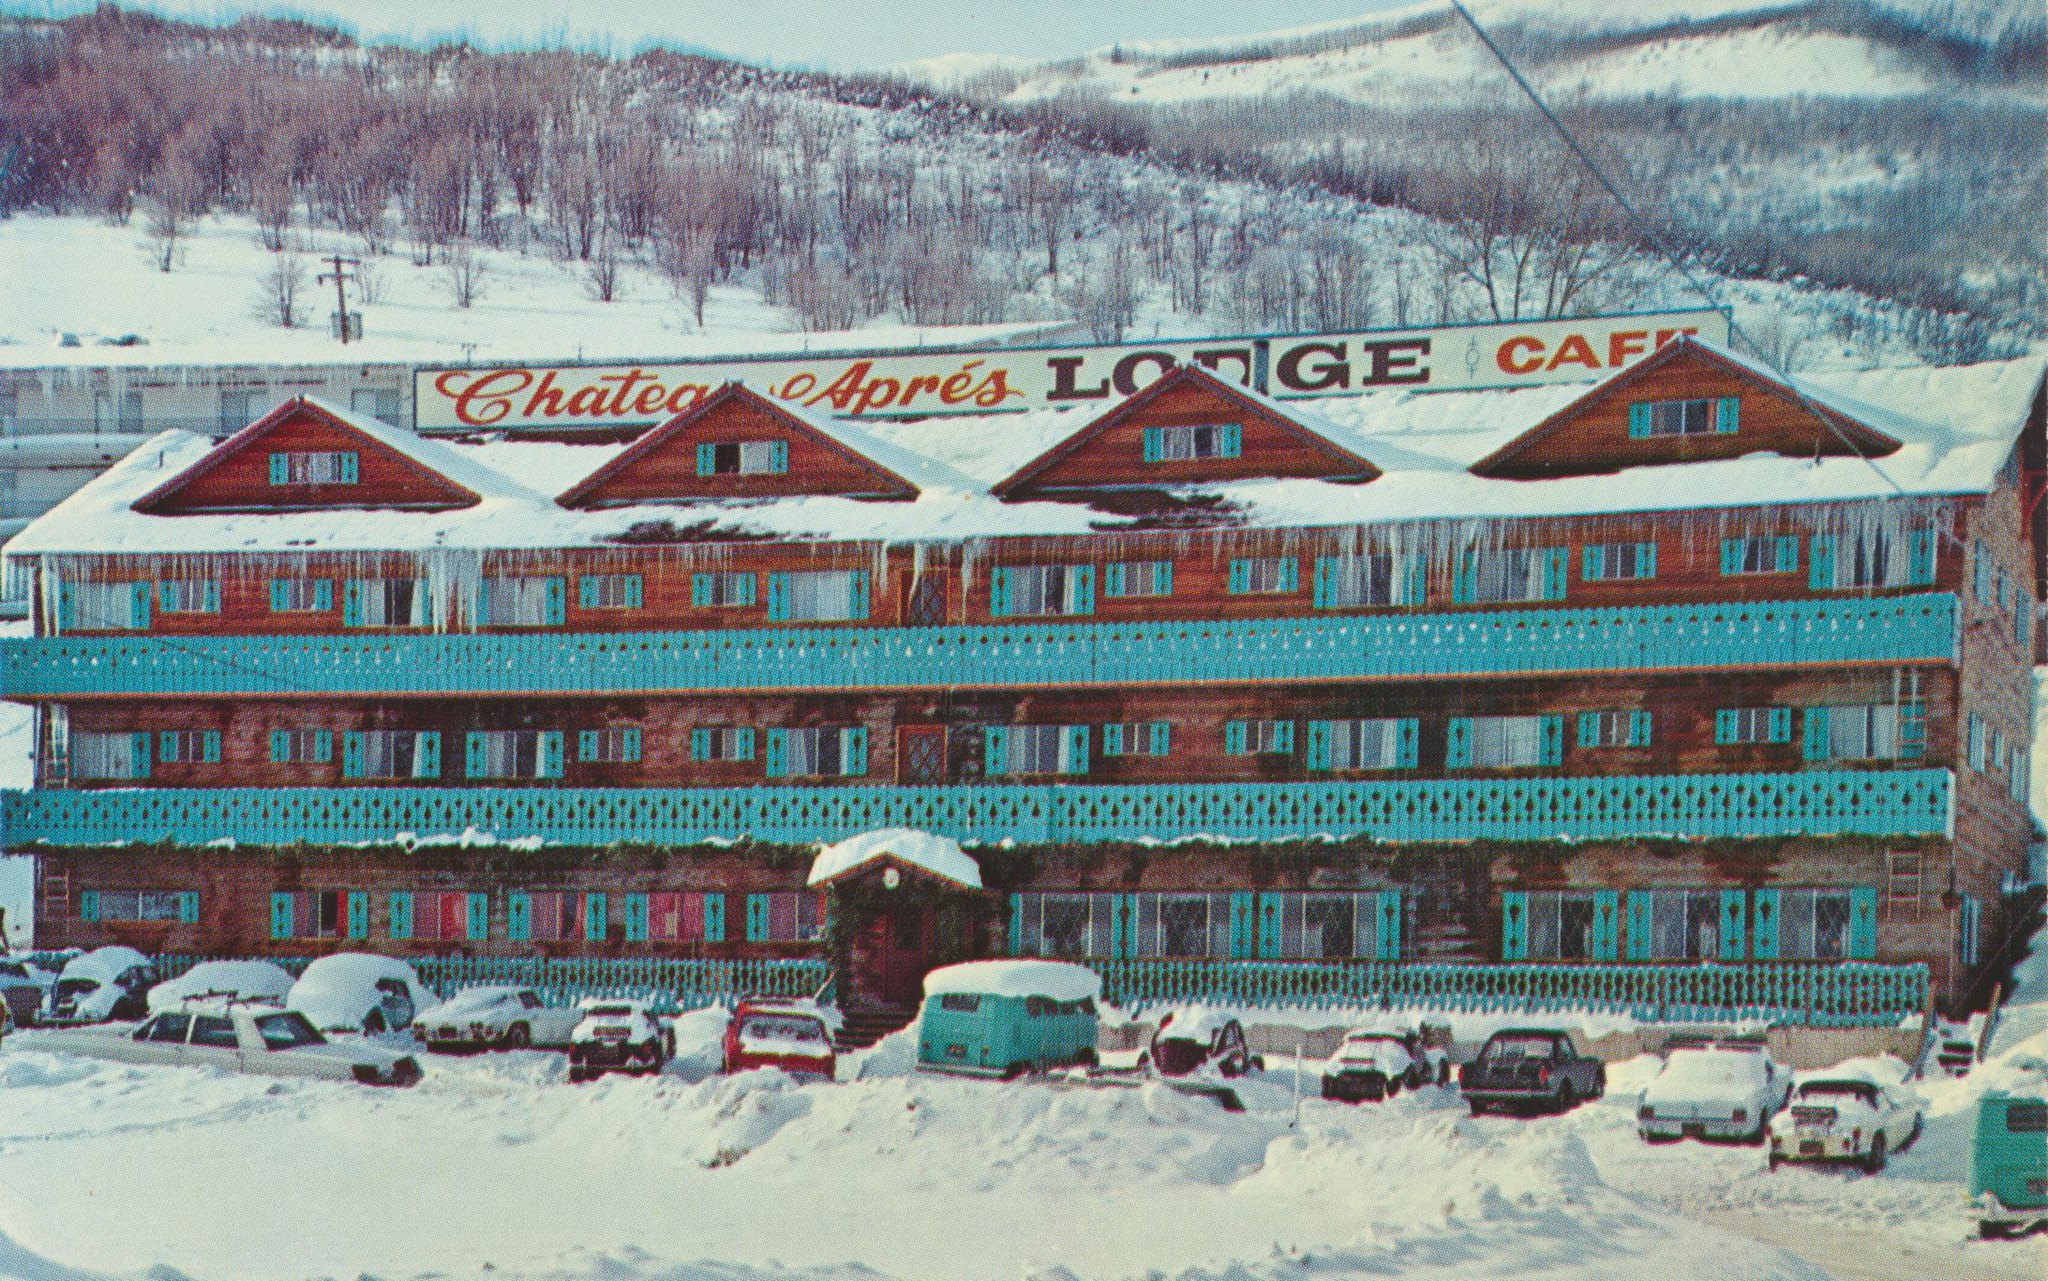 Chateau Aprés Lodge - 1299 Norfolk Avenue, Park City, Utah U.S.A. - 1960s